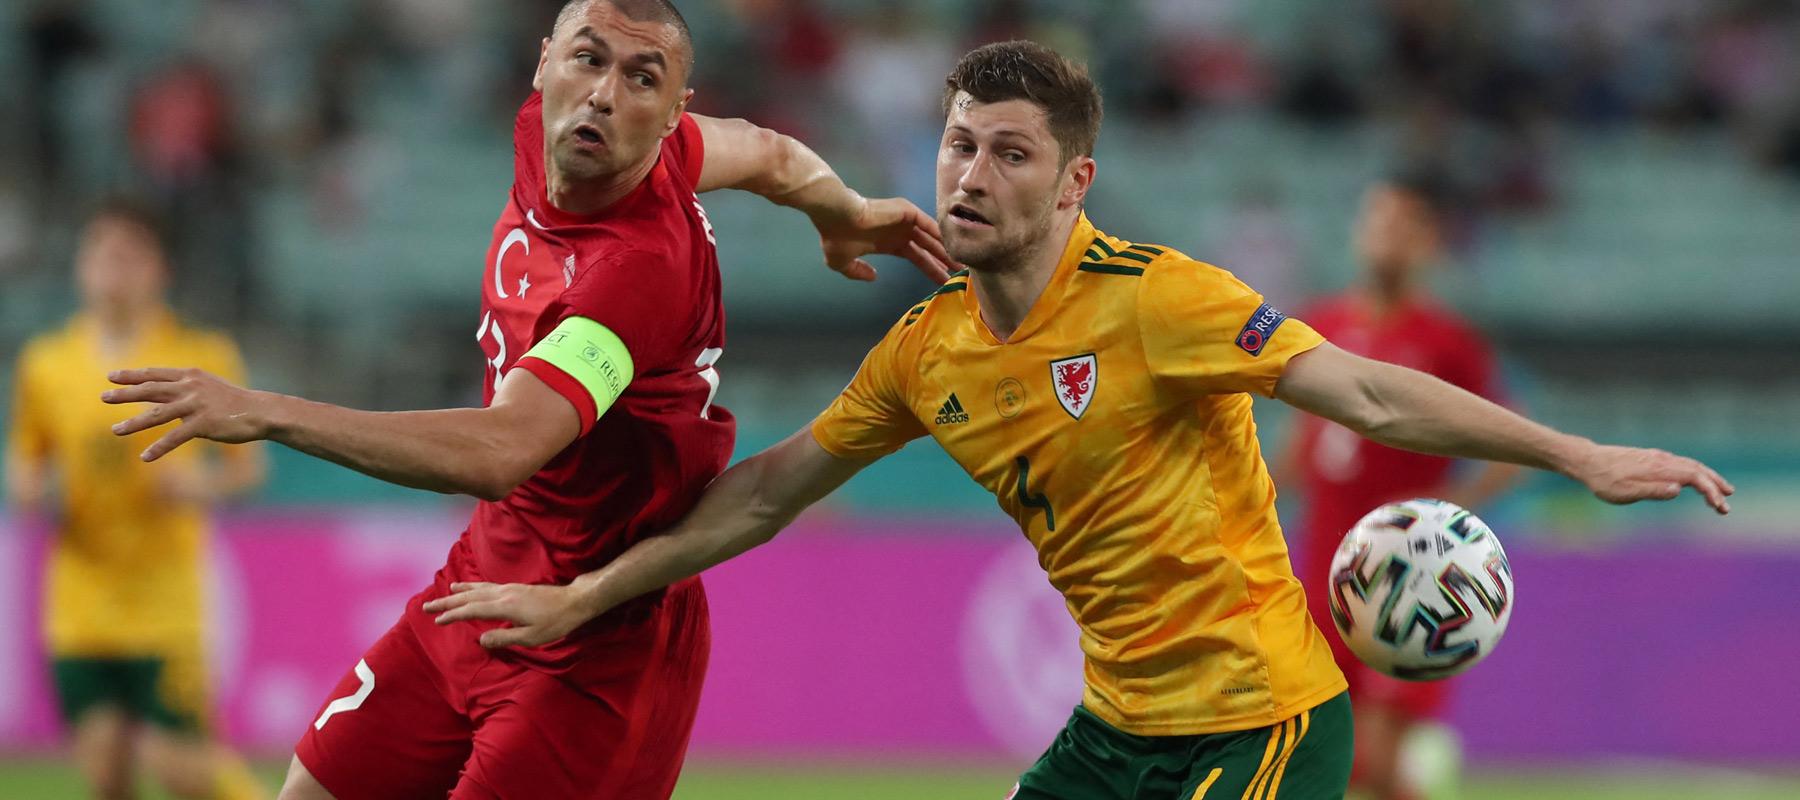 ตุรกี v เวลส์ ผลบอลสด ผลบอล ยูโร 2020